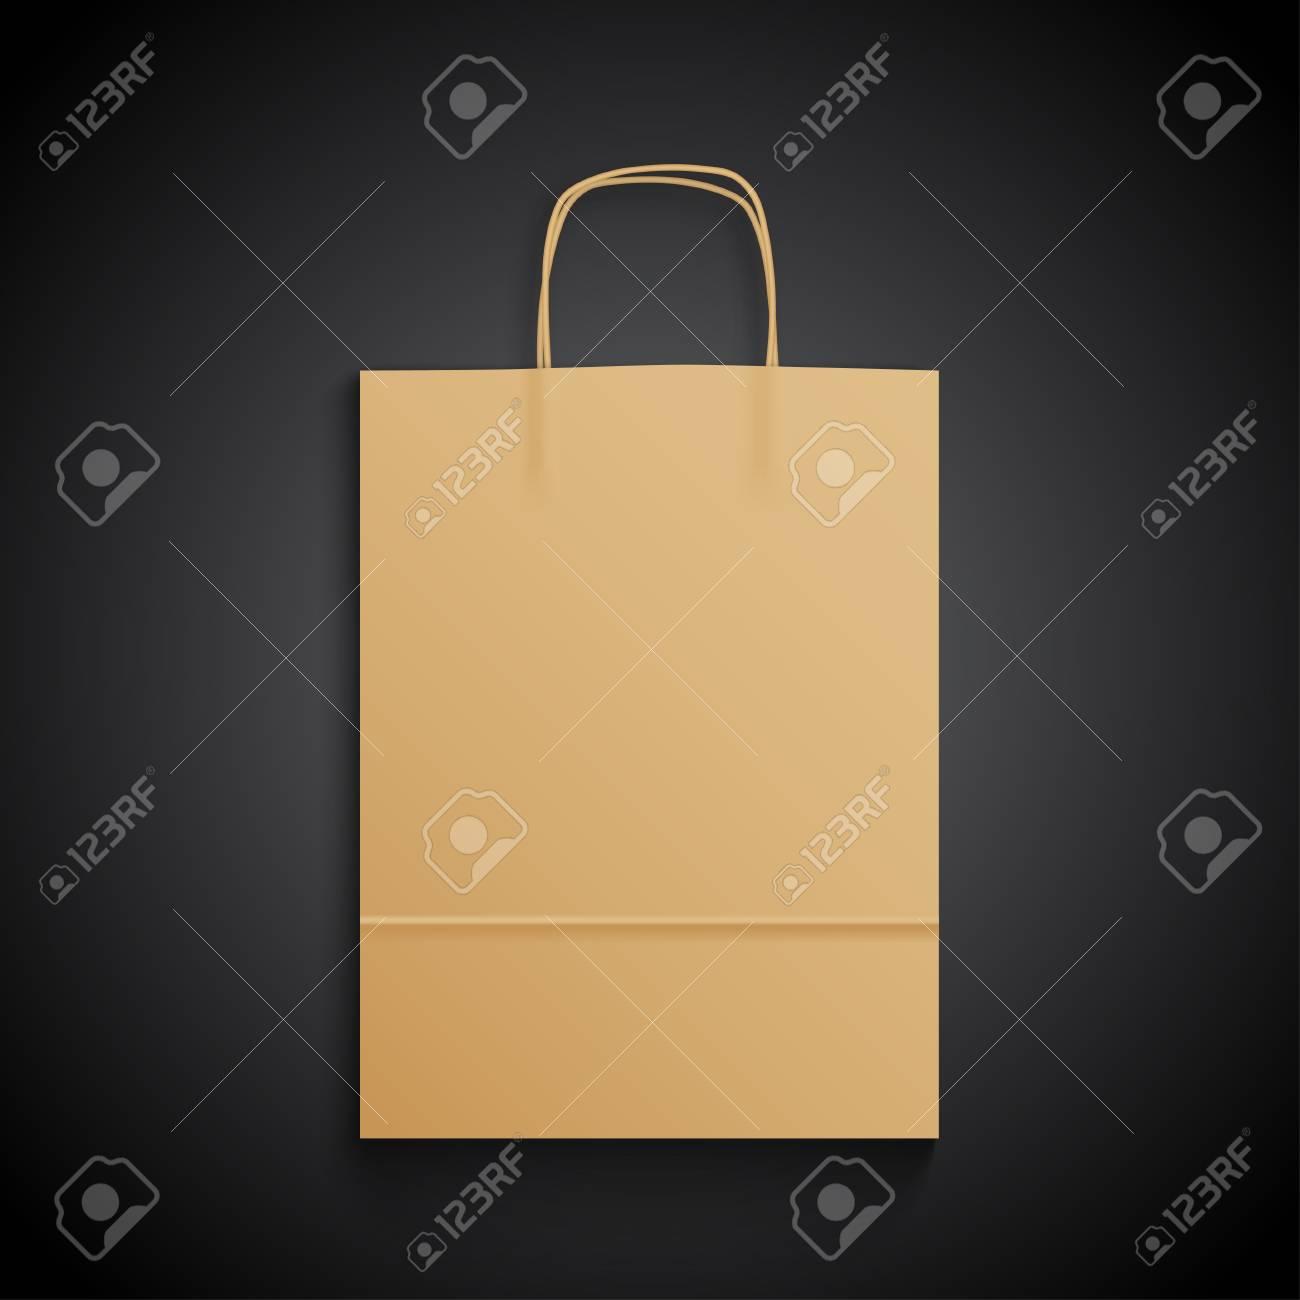 Kraft Paper Bag With Handles On Black Background Mock Up Royalty